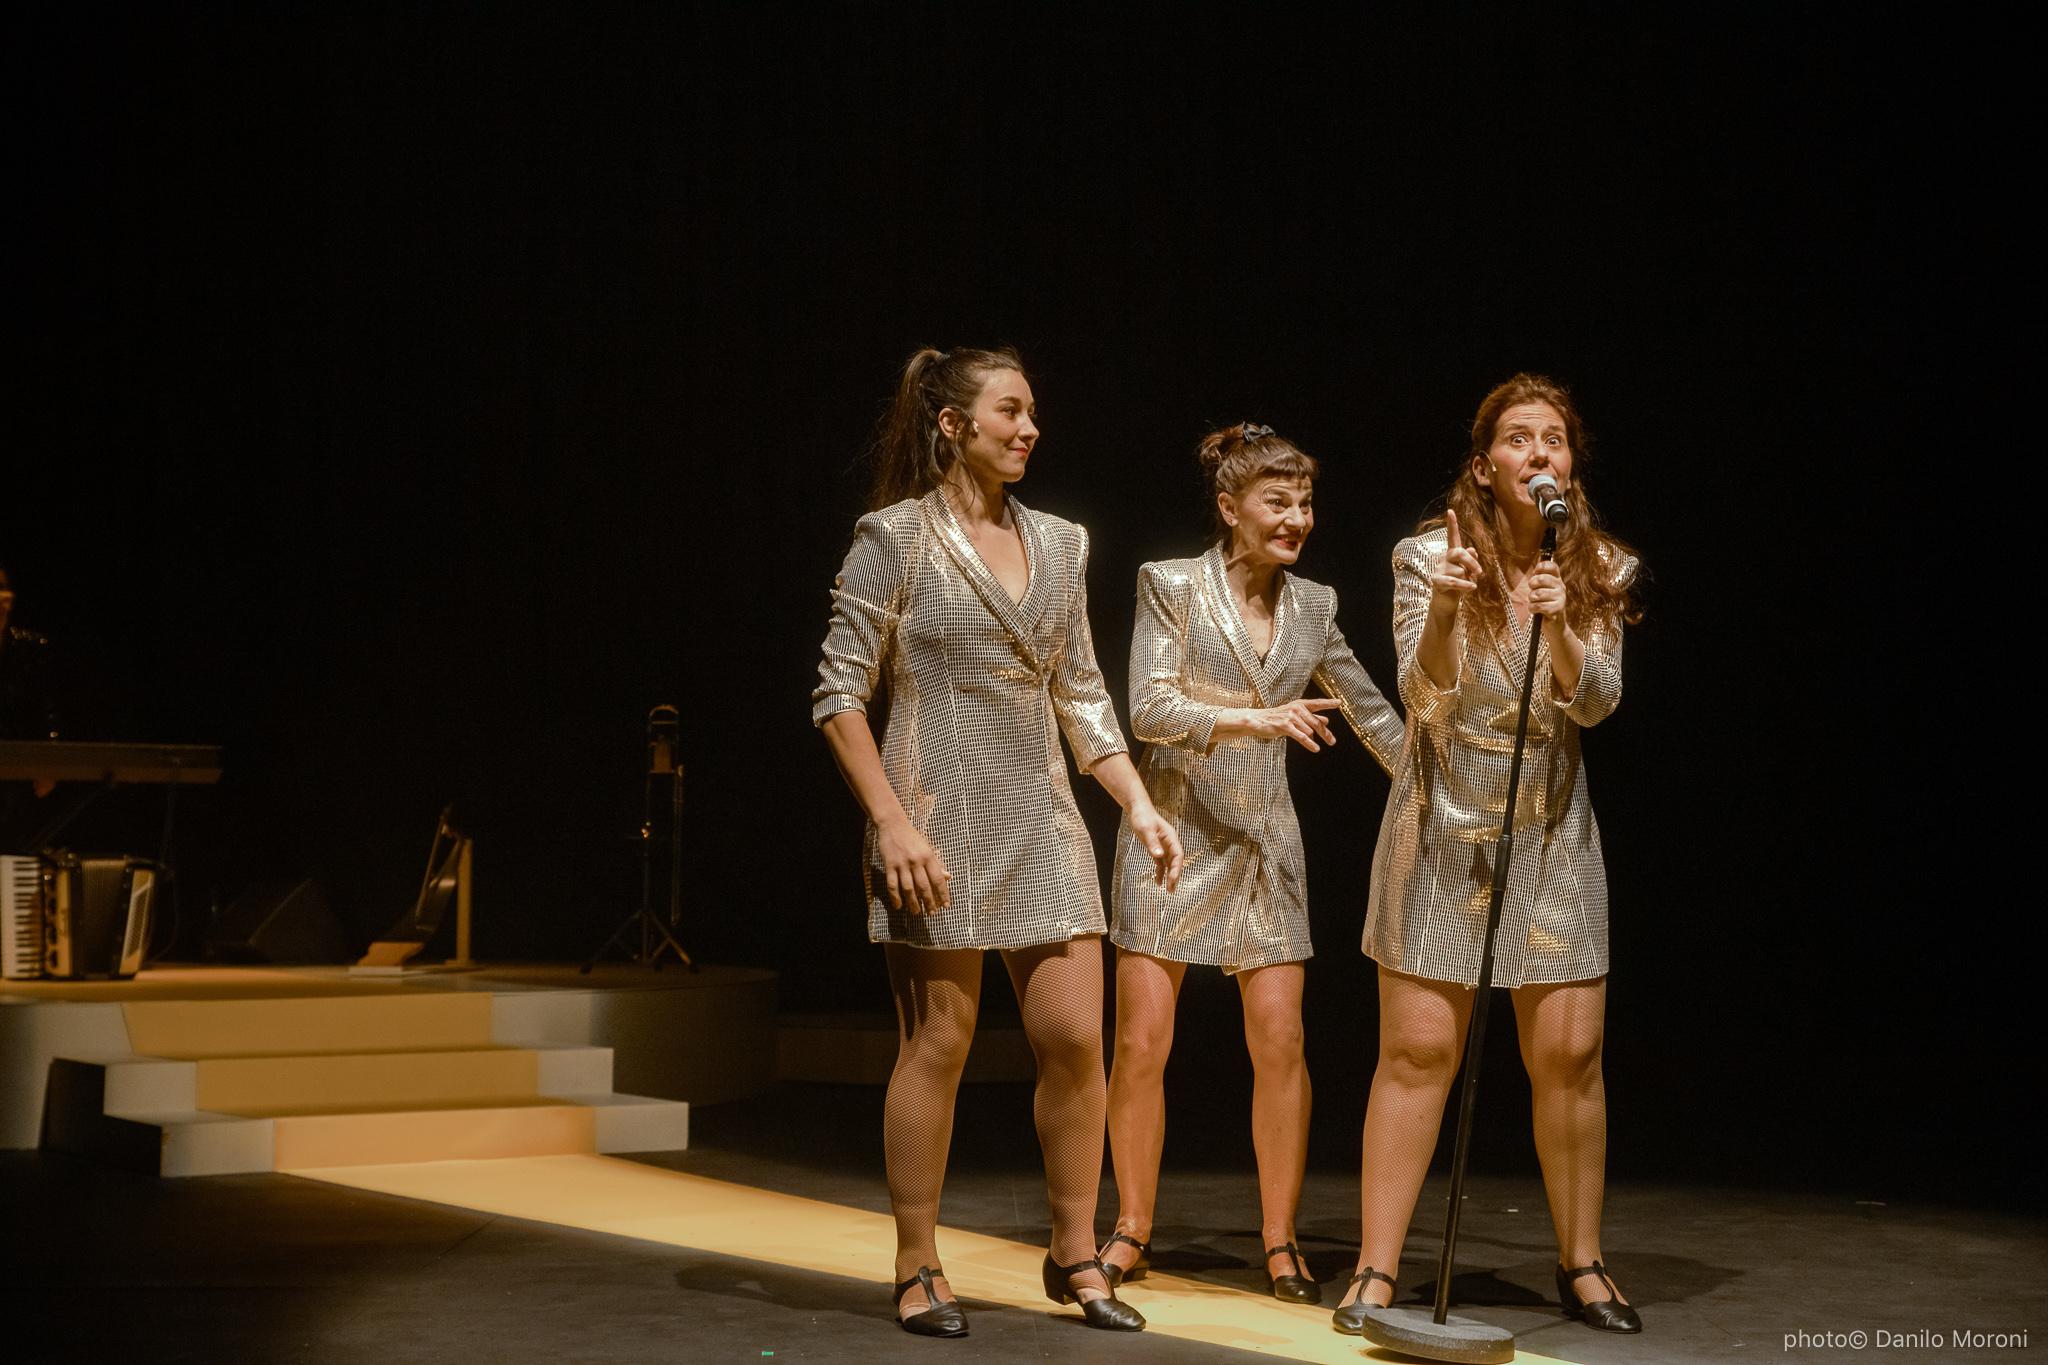 Teatro-en-vilo-Circo-Price-Miss-Mara-photo-Danilo-Moroni-524.jpg